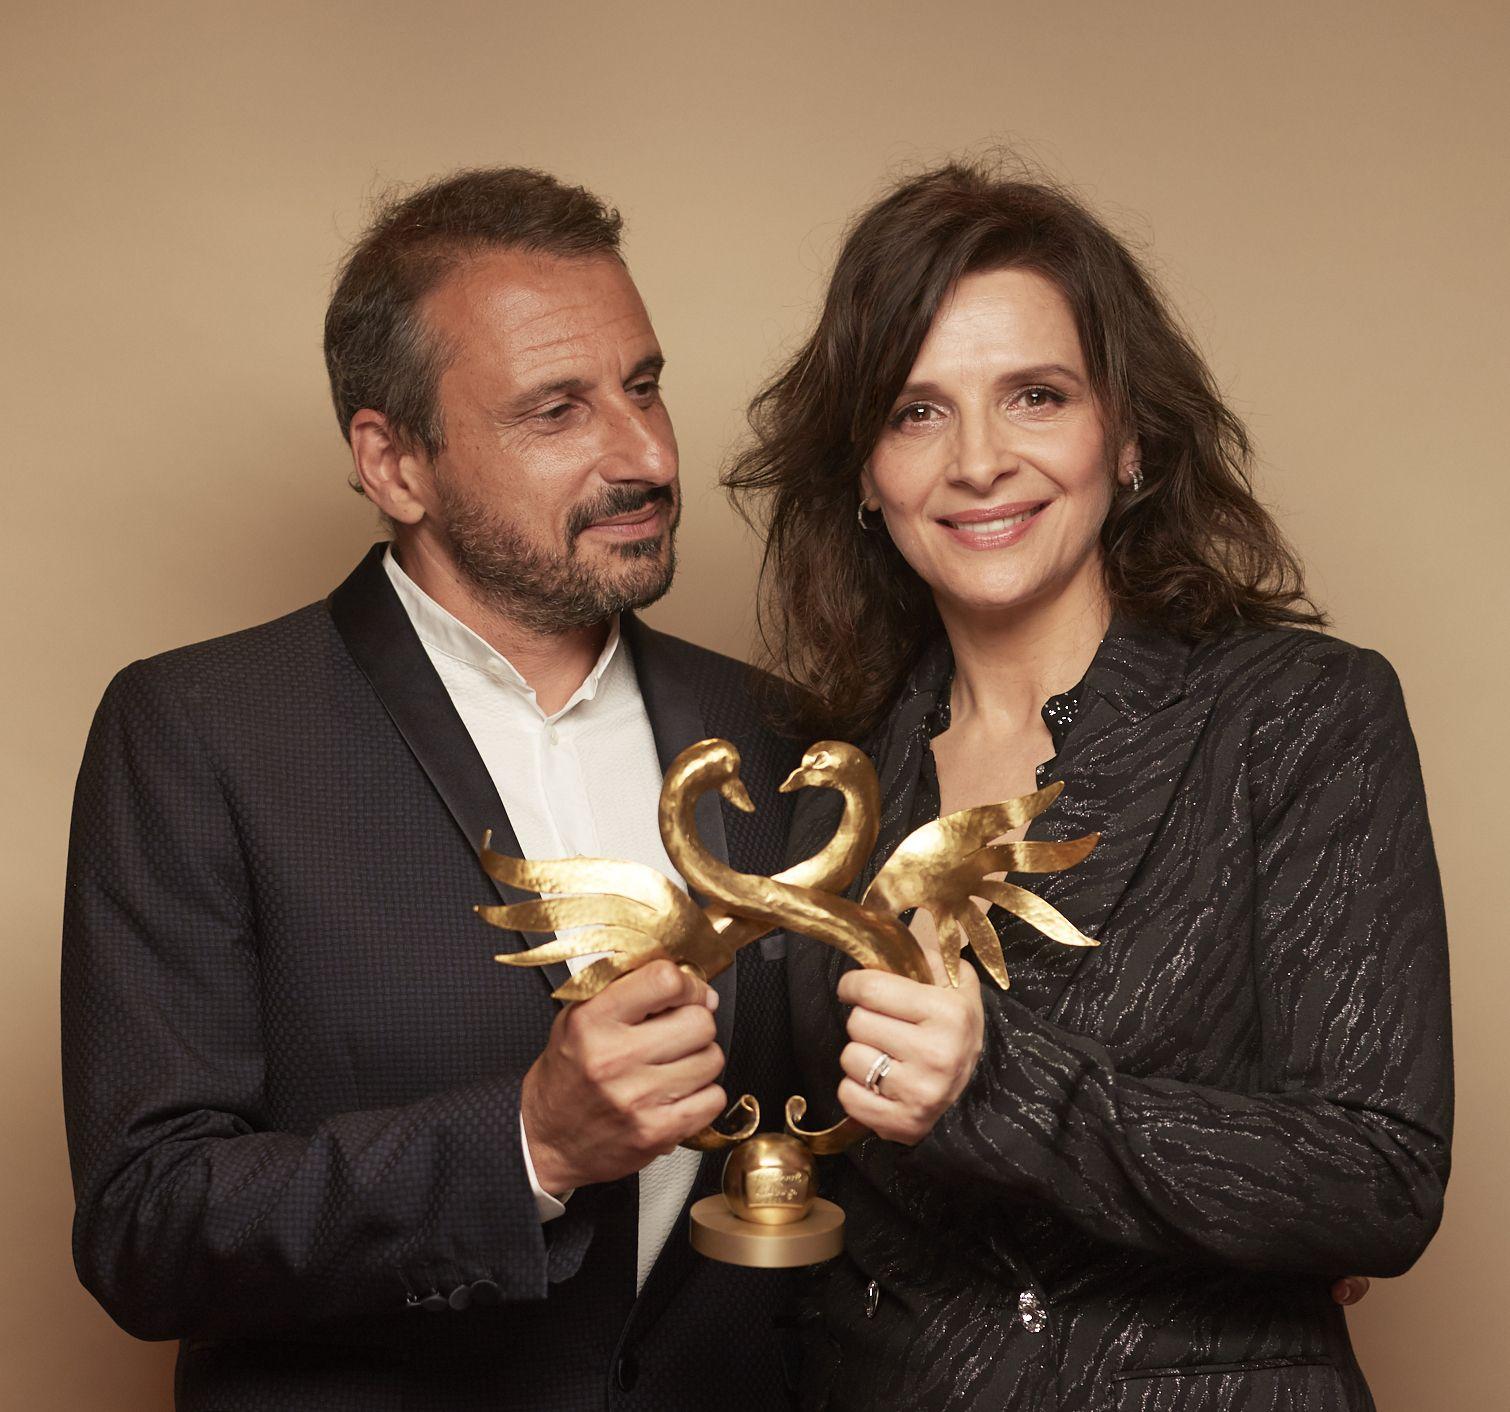 Juliette Binoche, Swann d'Or de la Meilleure Actrice dans